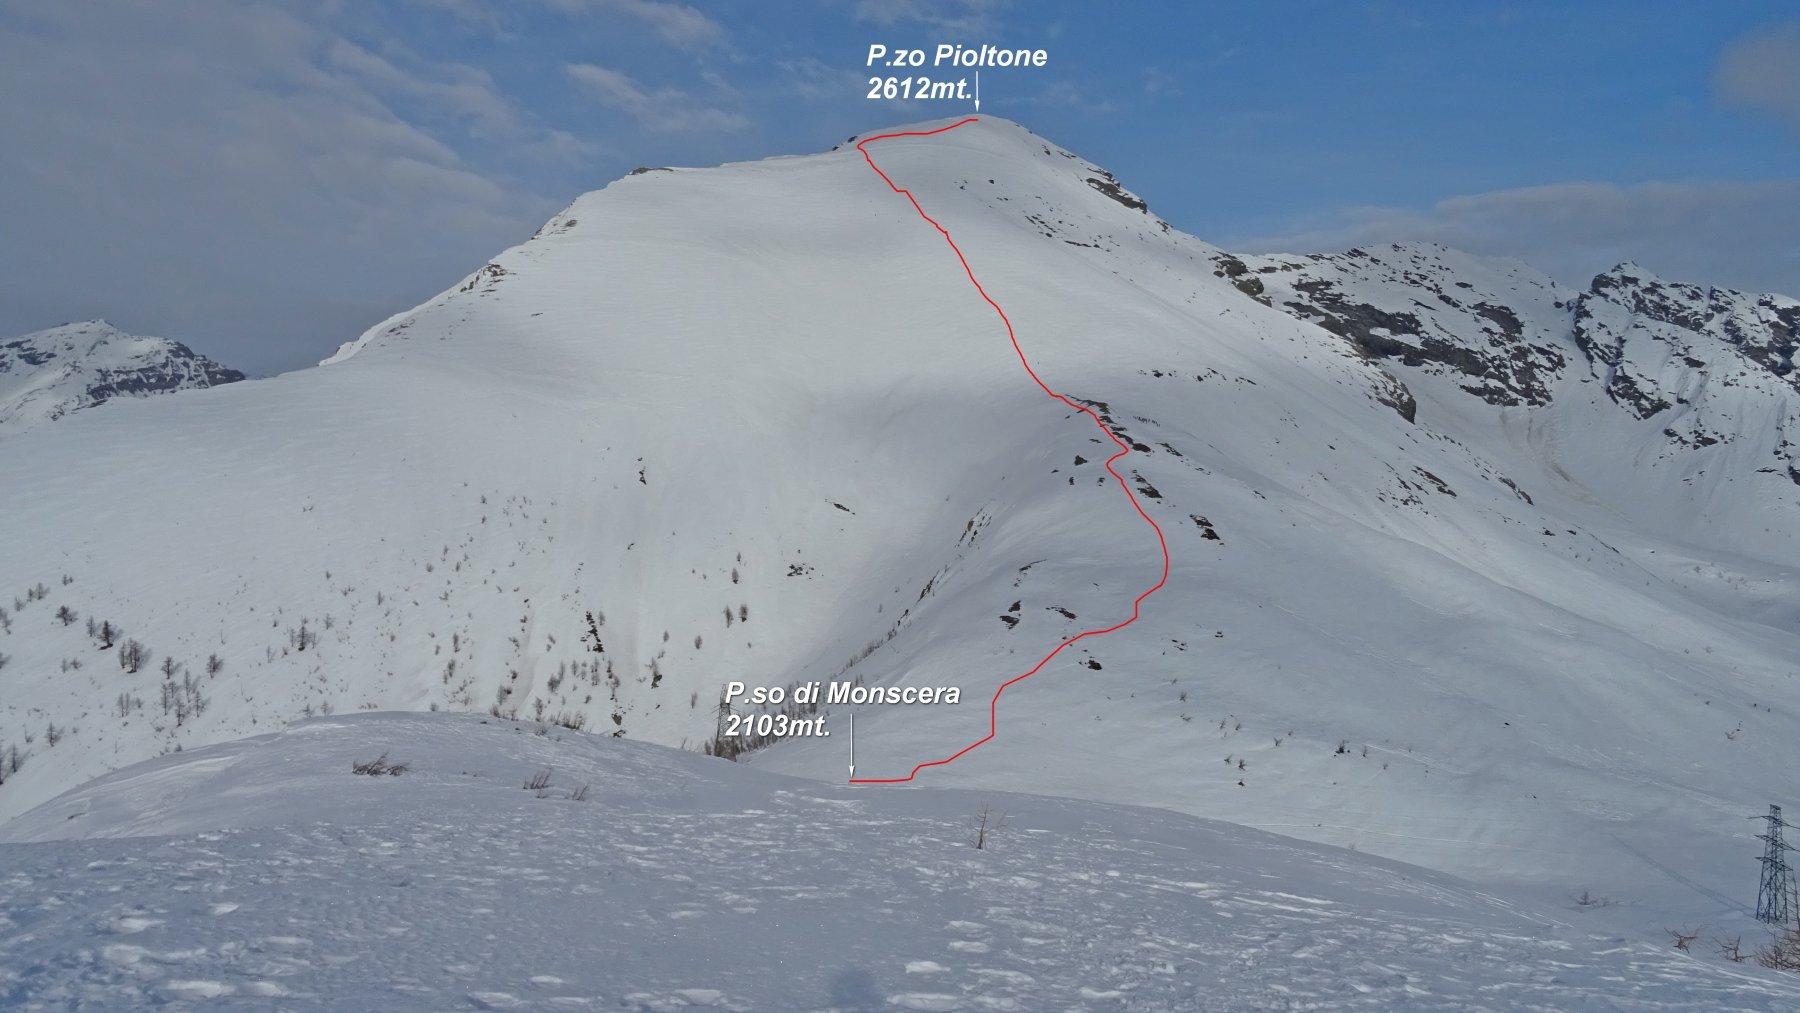 In rosso la traccia fatta dal P.so Monscera 2103mt. al P.zo Pioltone 2612mt. vista dalla Cima del Tirone 2202mt.